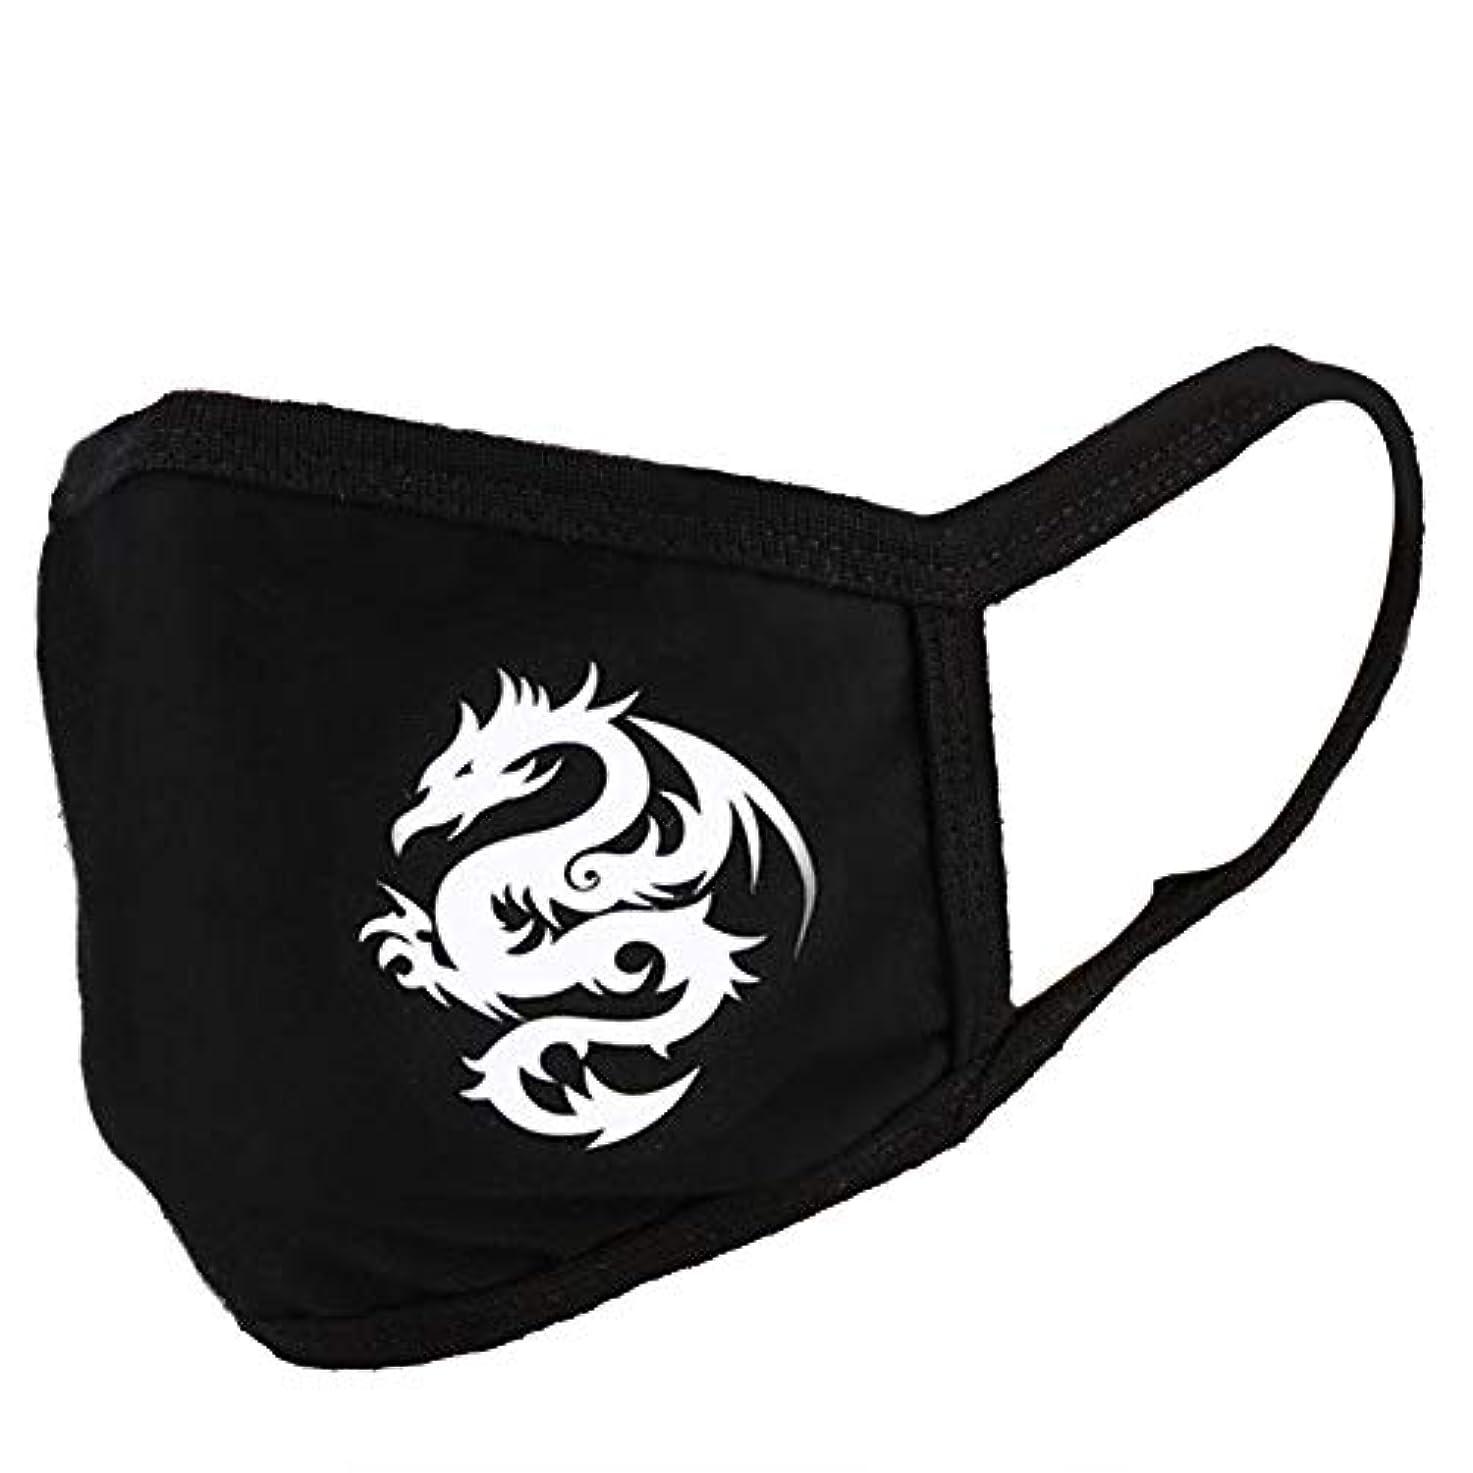 実行可能エゴマニアはい口マスク、ファッション漫画のダストとヘイズマスク綿顔黒口マッフル旅行口マスク(翼竜)